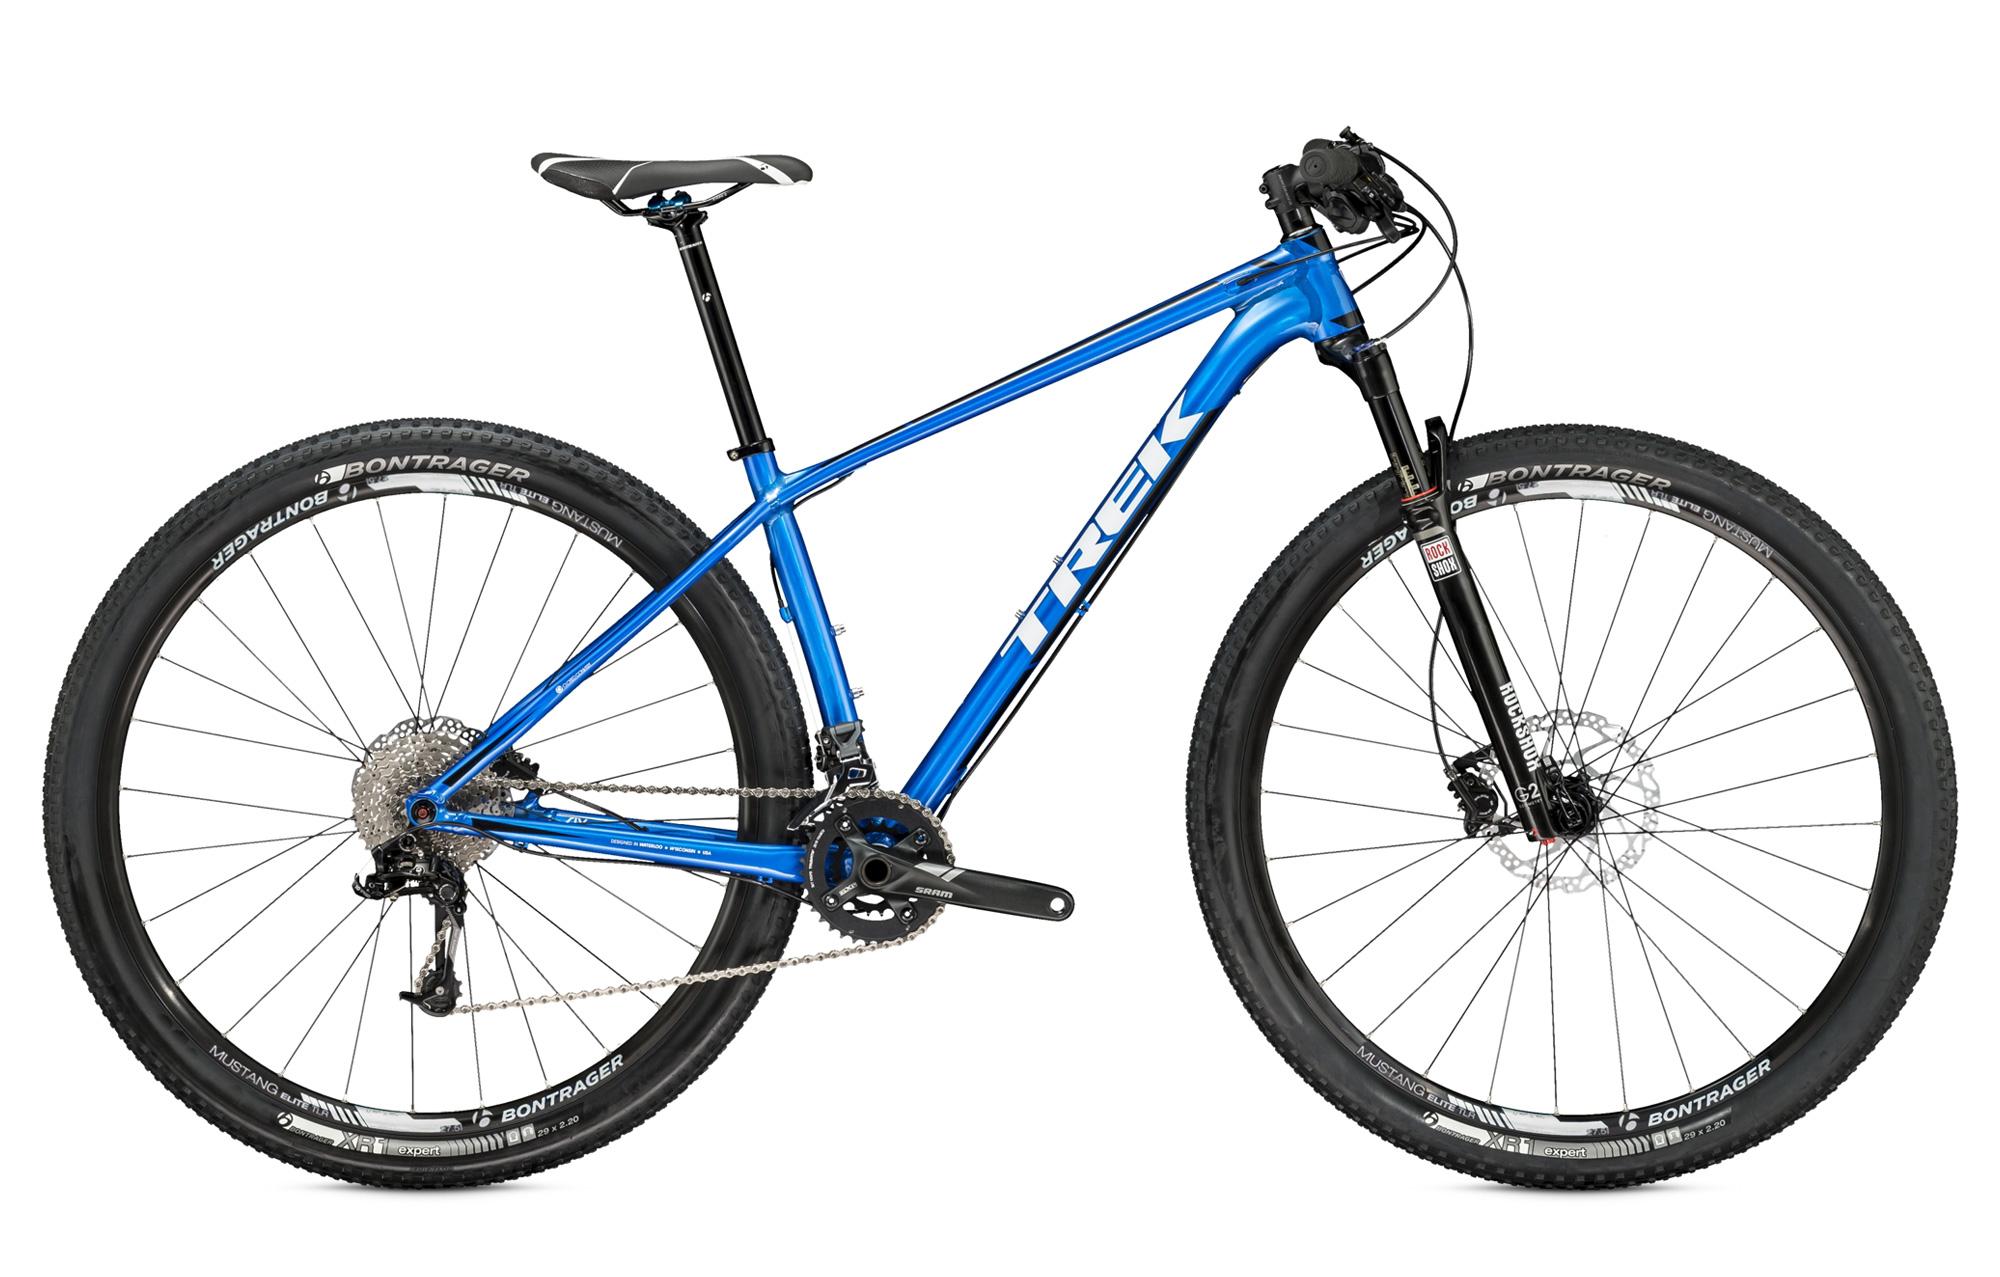 trek 2015 hardtail bike 29 superfly 6 blue. Black Bedroom Furniture Sets. Home Design Ideas